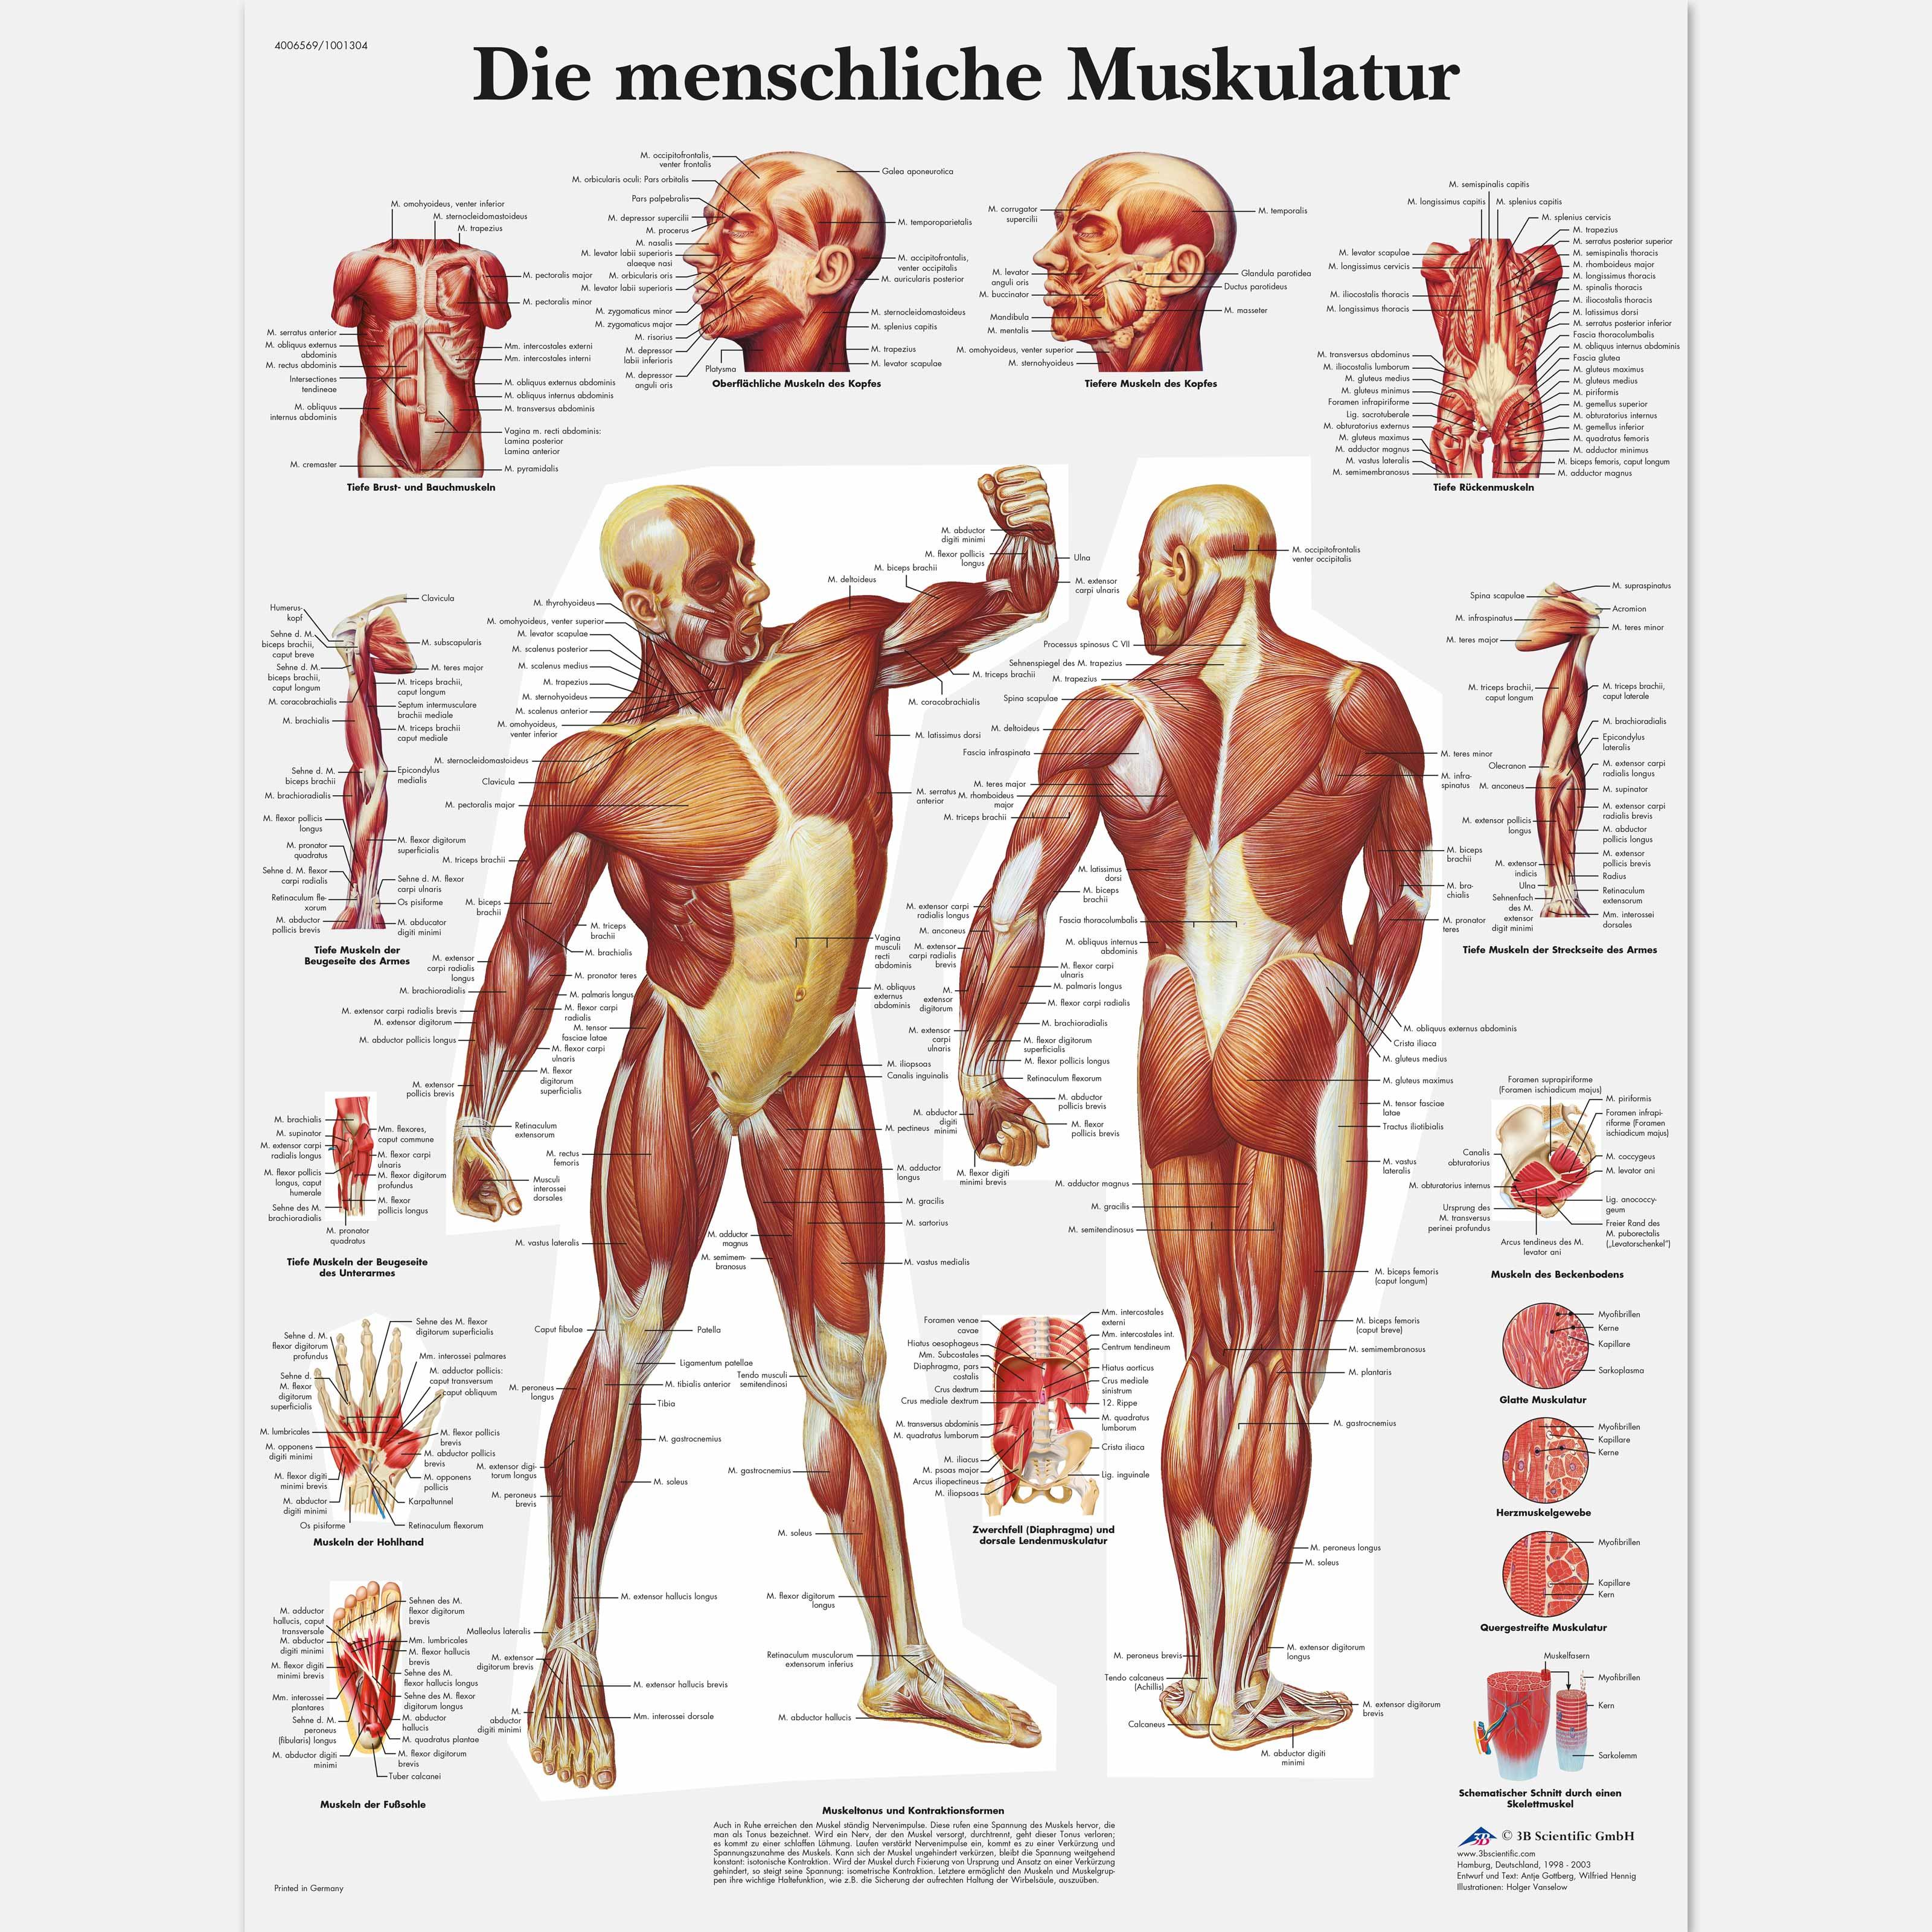 Die menschliche Muskulatur - 4006569 - VR0118UU - Muscle - 3B Scientific